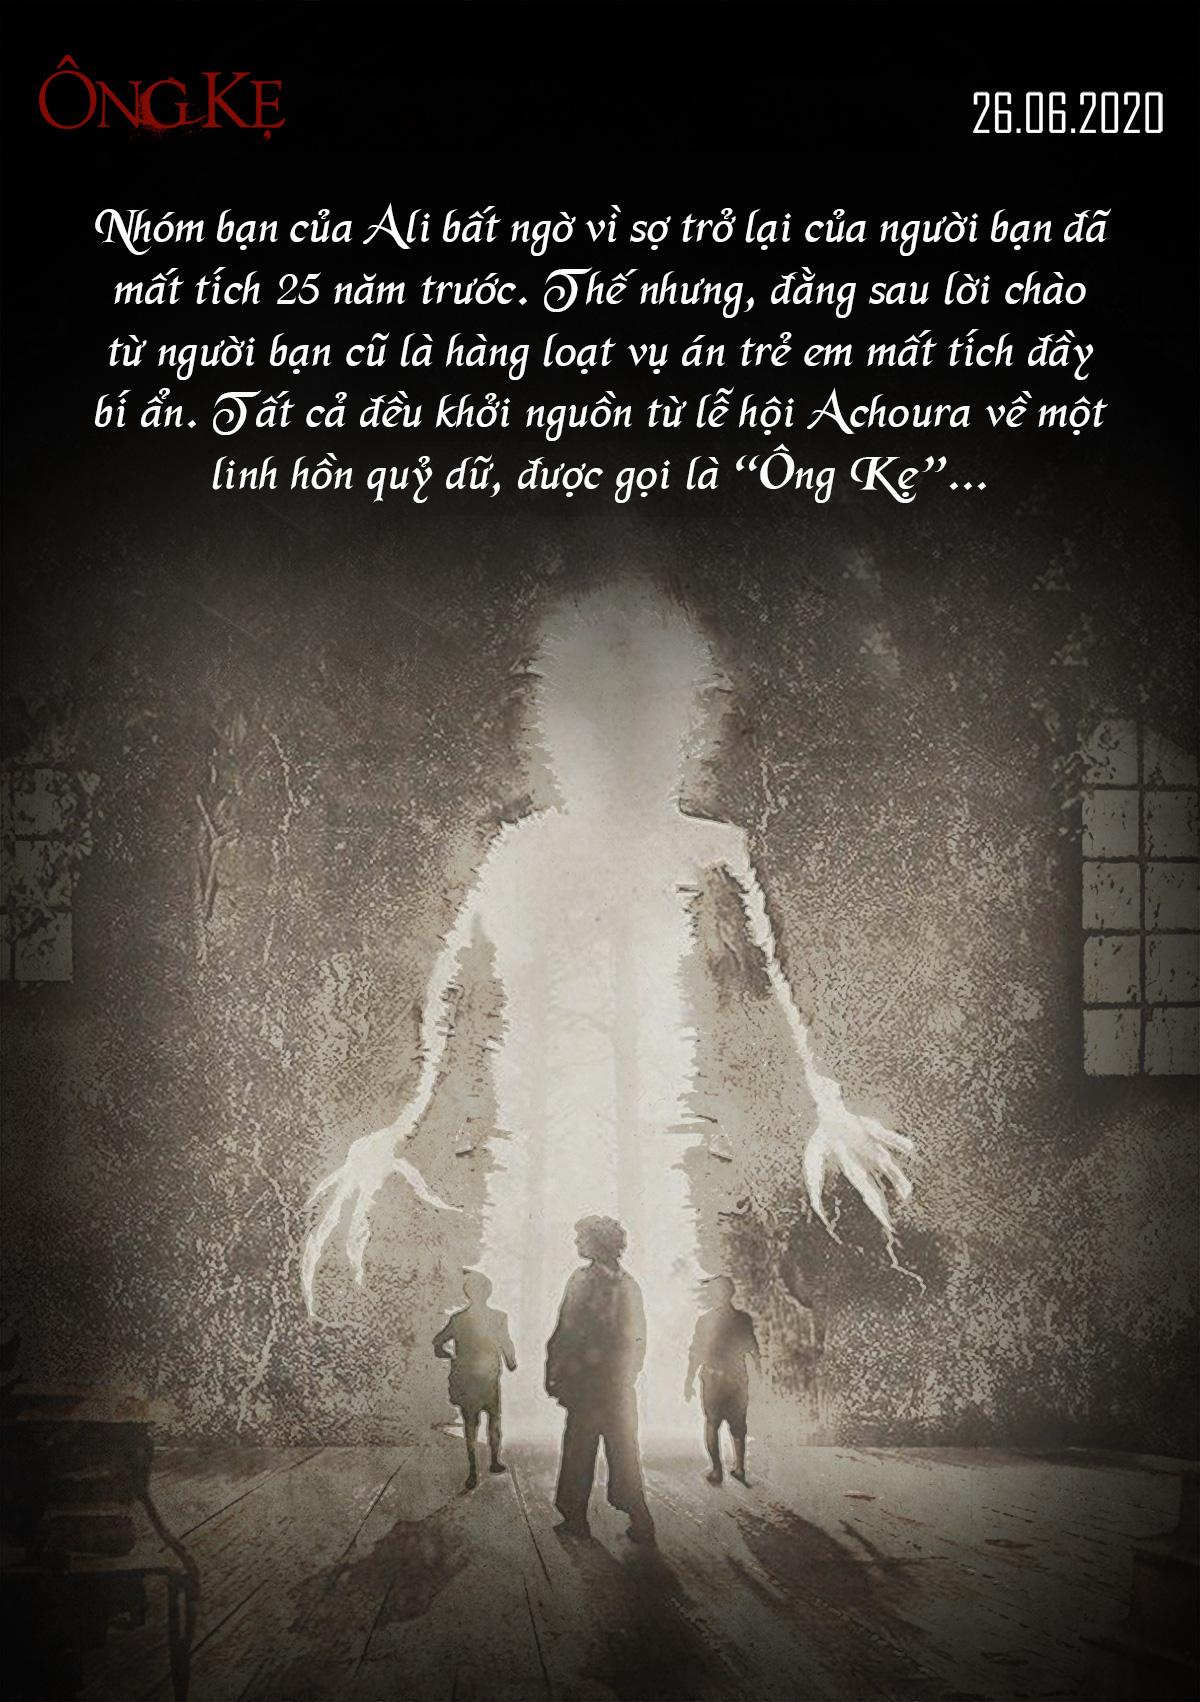 Ông Kẹ - Nỗi sợ kinh hoàng của tuổi thơ tái xuất đầy ám ảnh - Ảnh 4.